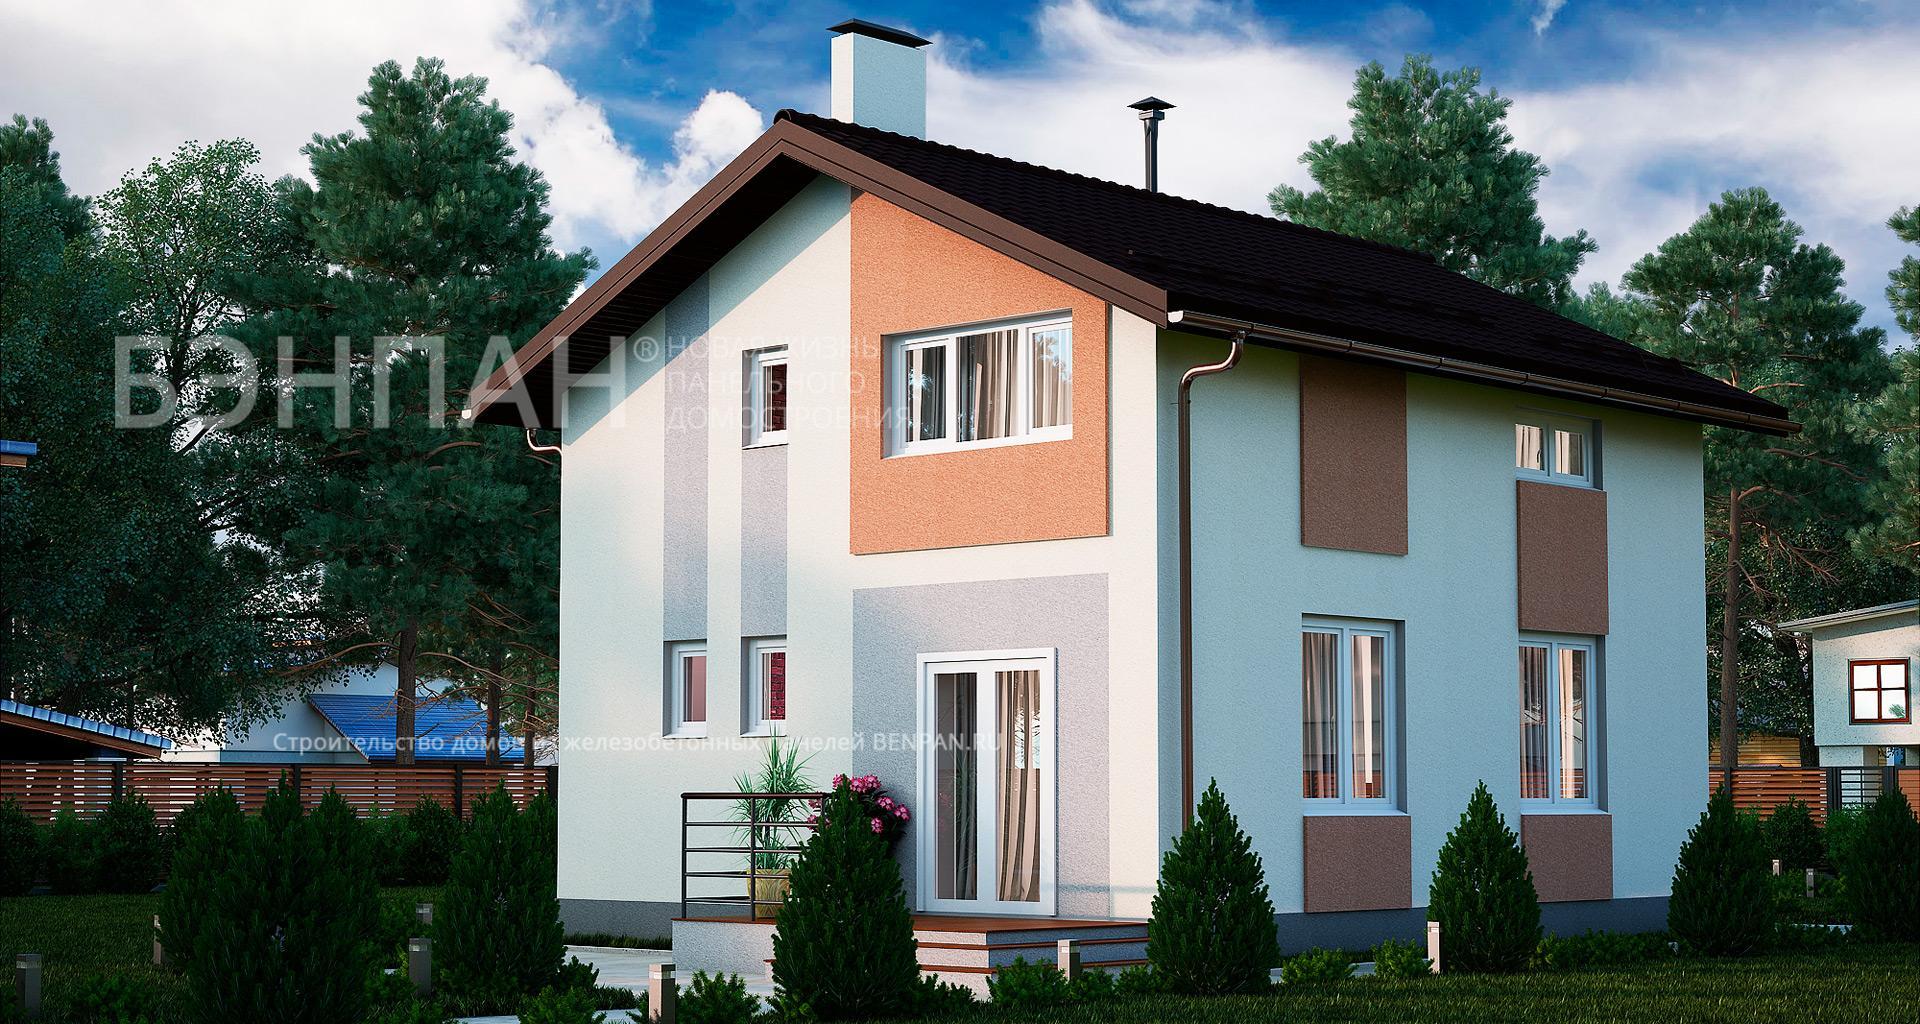 Строительство дома 92.55 м2 по цене от 1991801.88 рублей на апрель 2019 года